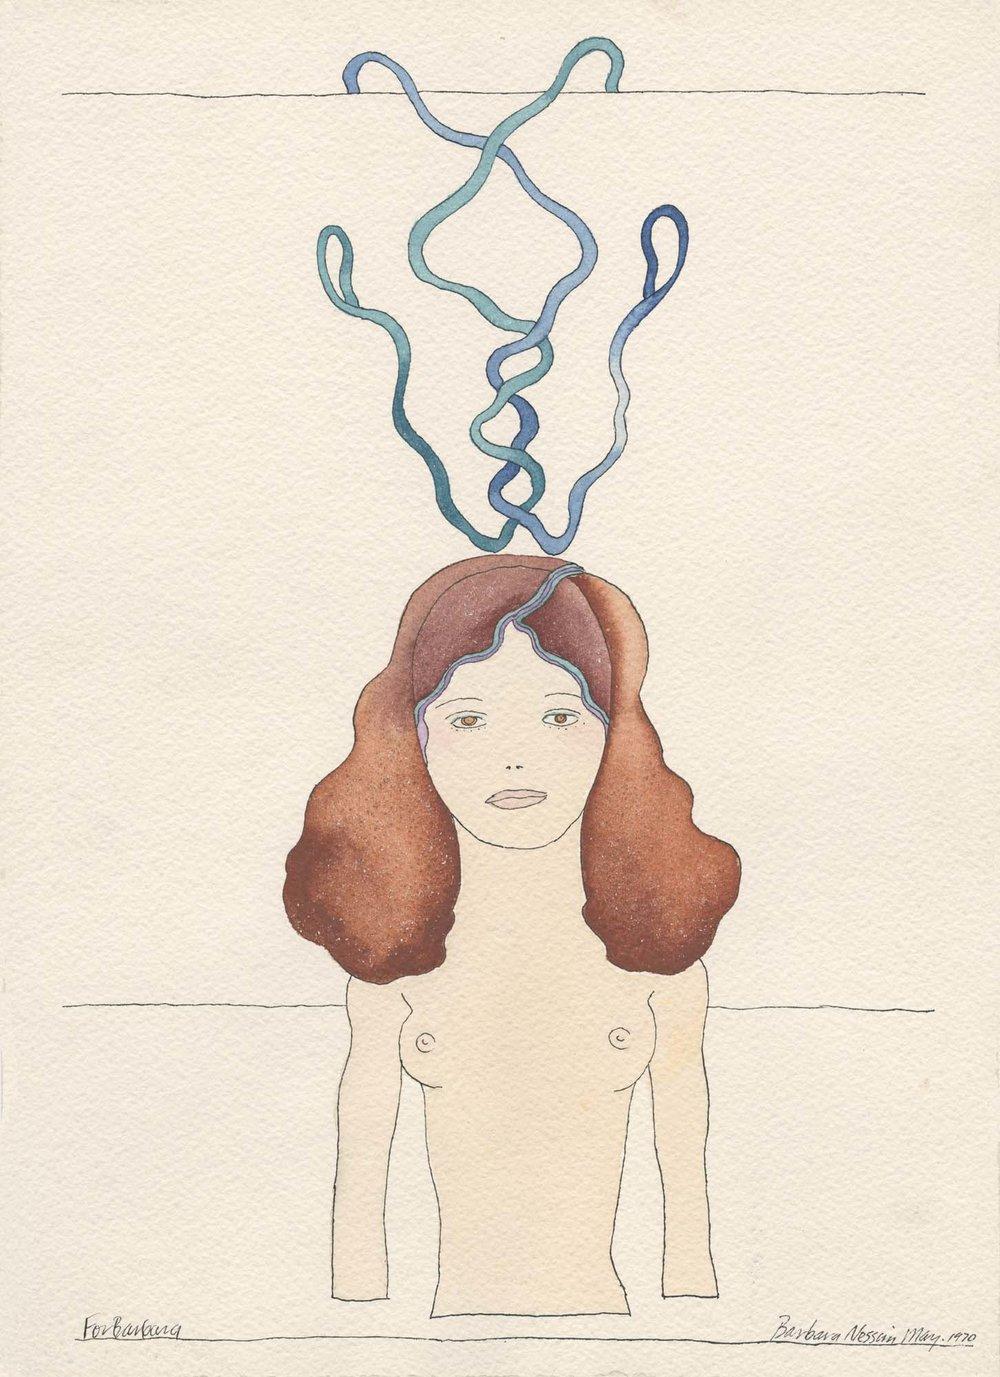 <I>For Barbara</I>, 1970